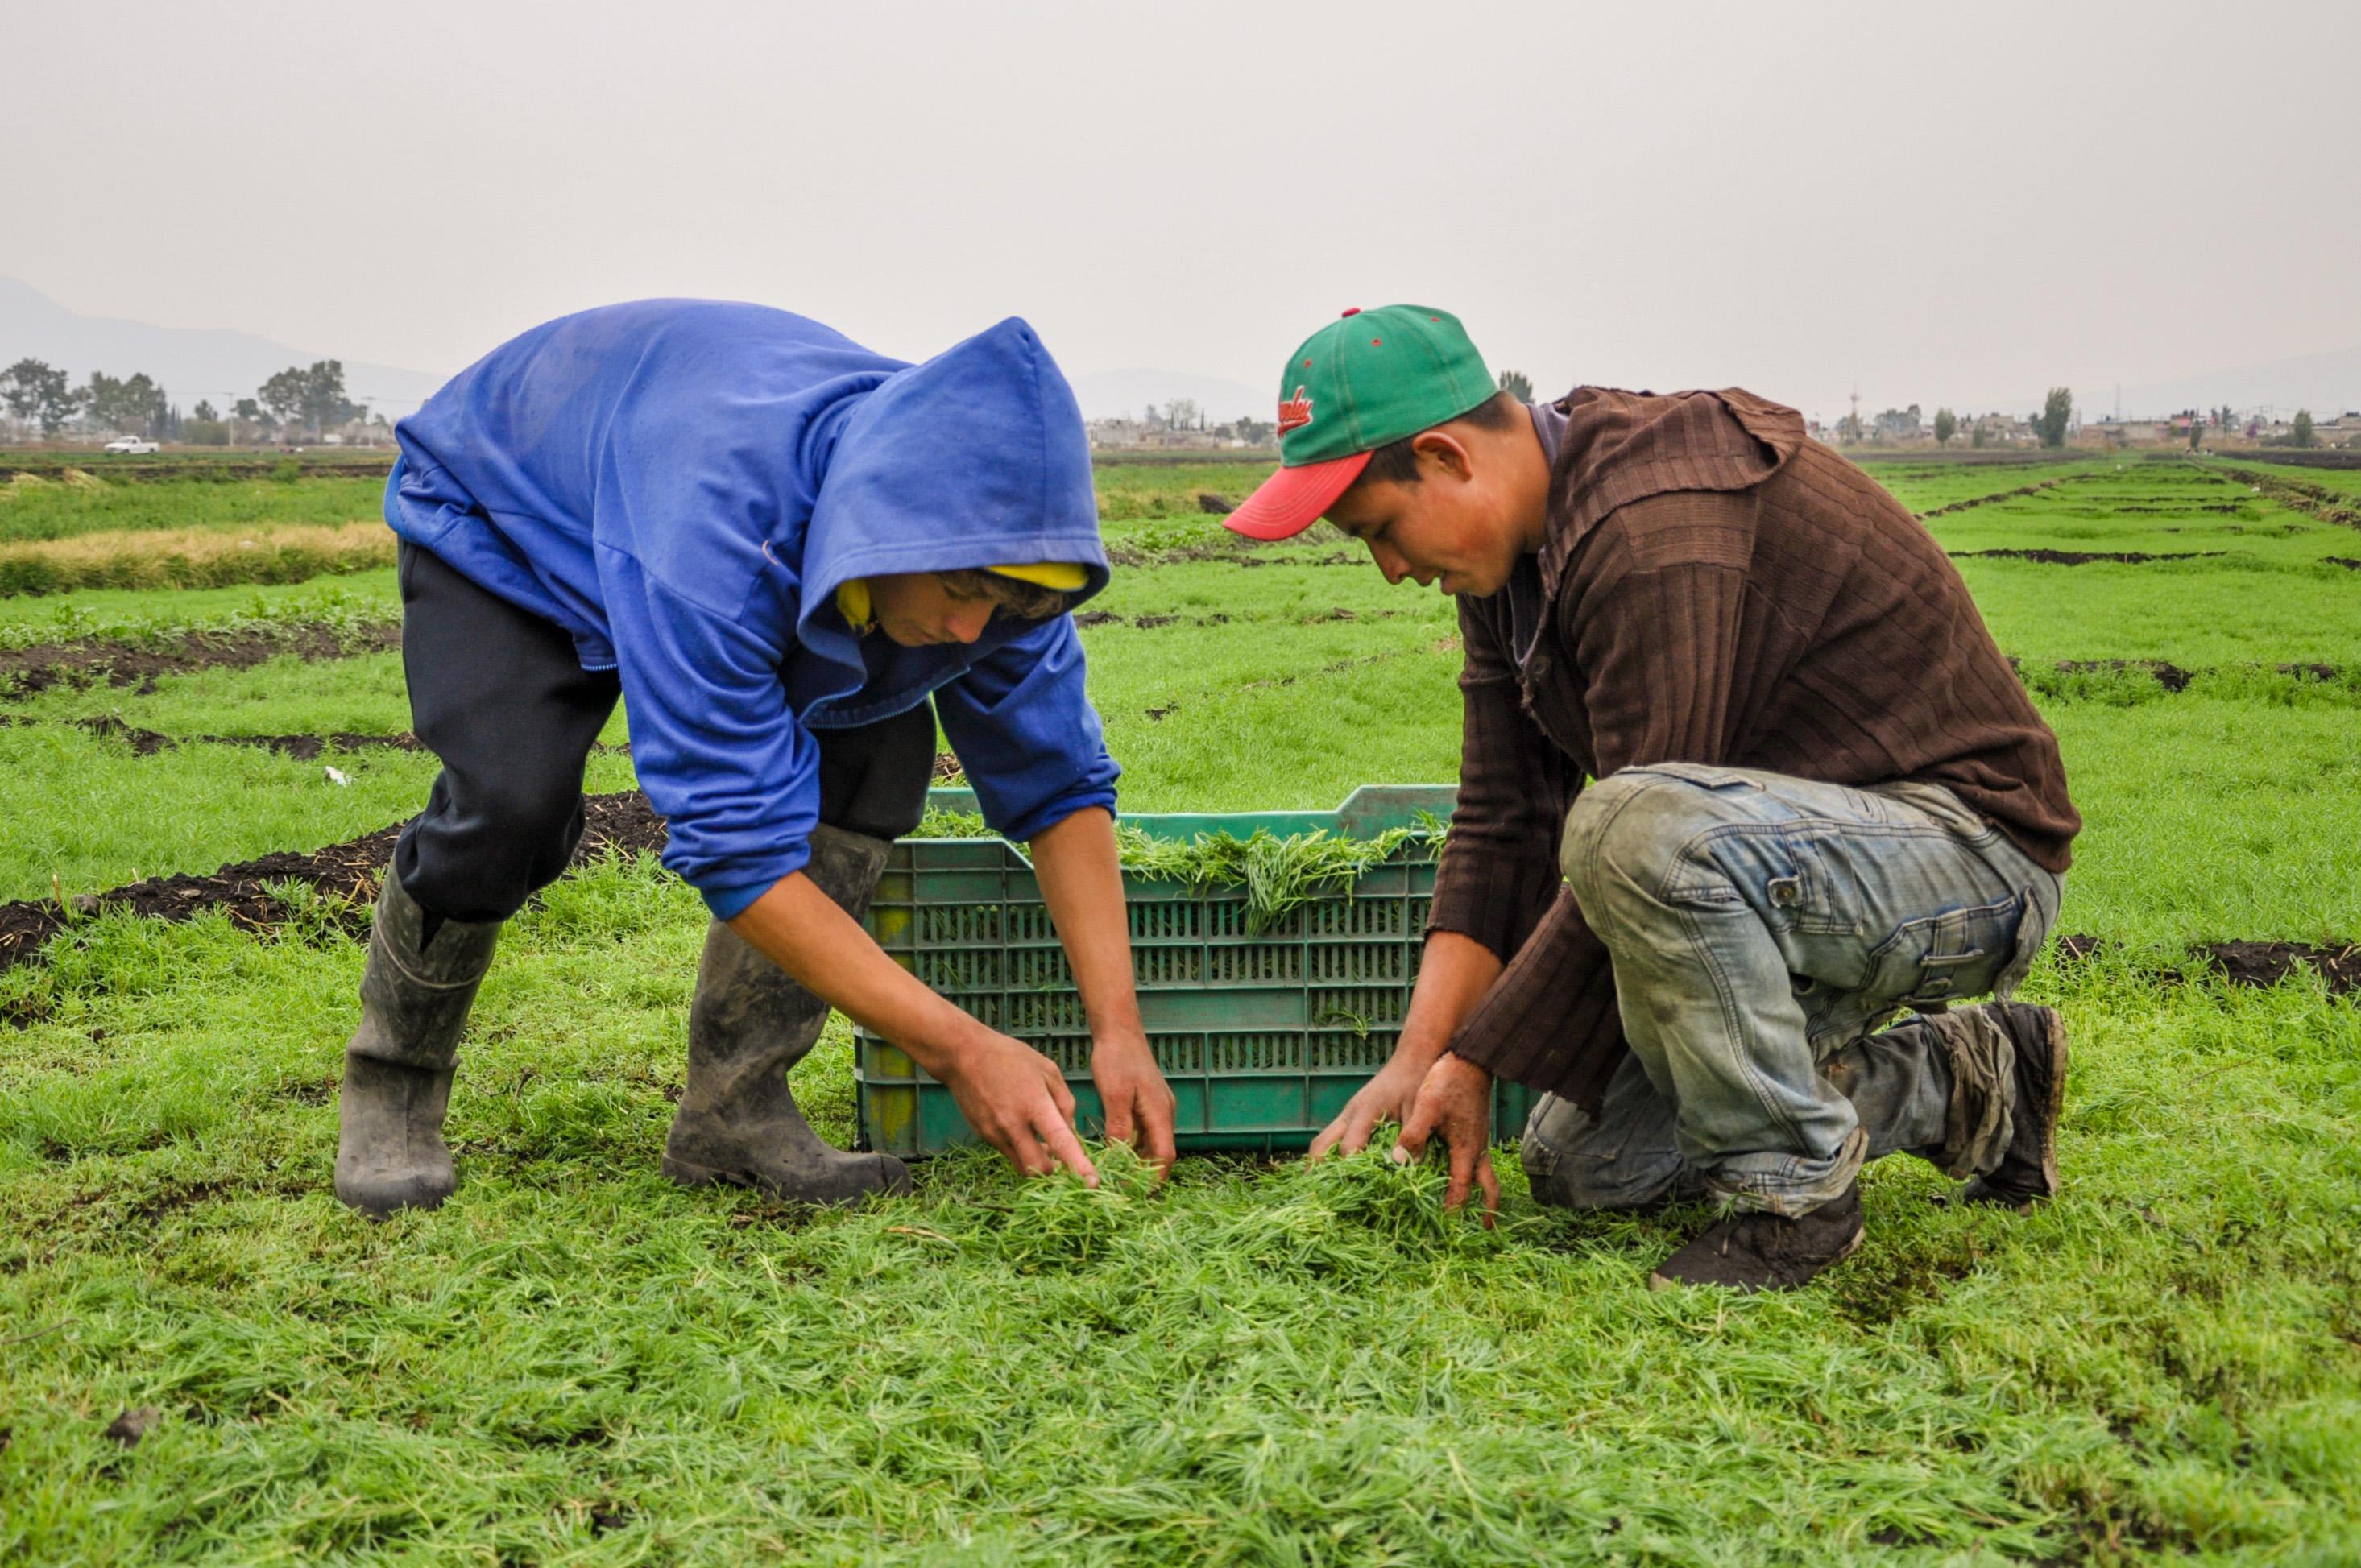 Los romeritos son cultivados en una superficie de 565 hectáreas, pertenecientes en su mayoría a las delegaciones Tláhuac y Xochimilco, y el valor de la producción es de alrededor de 20 millones de pesos.